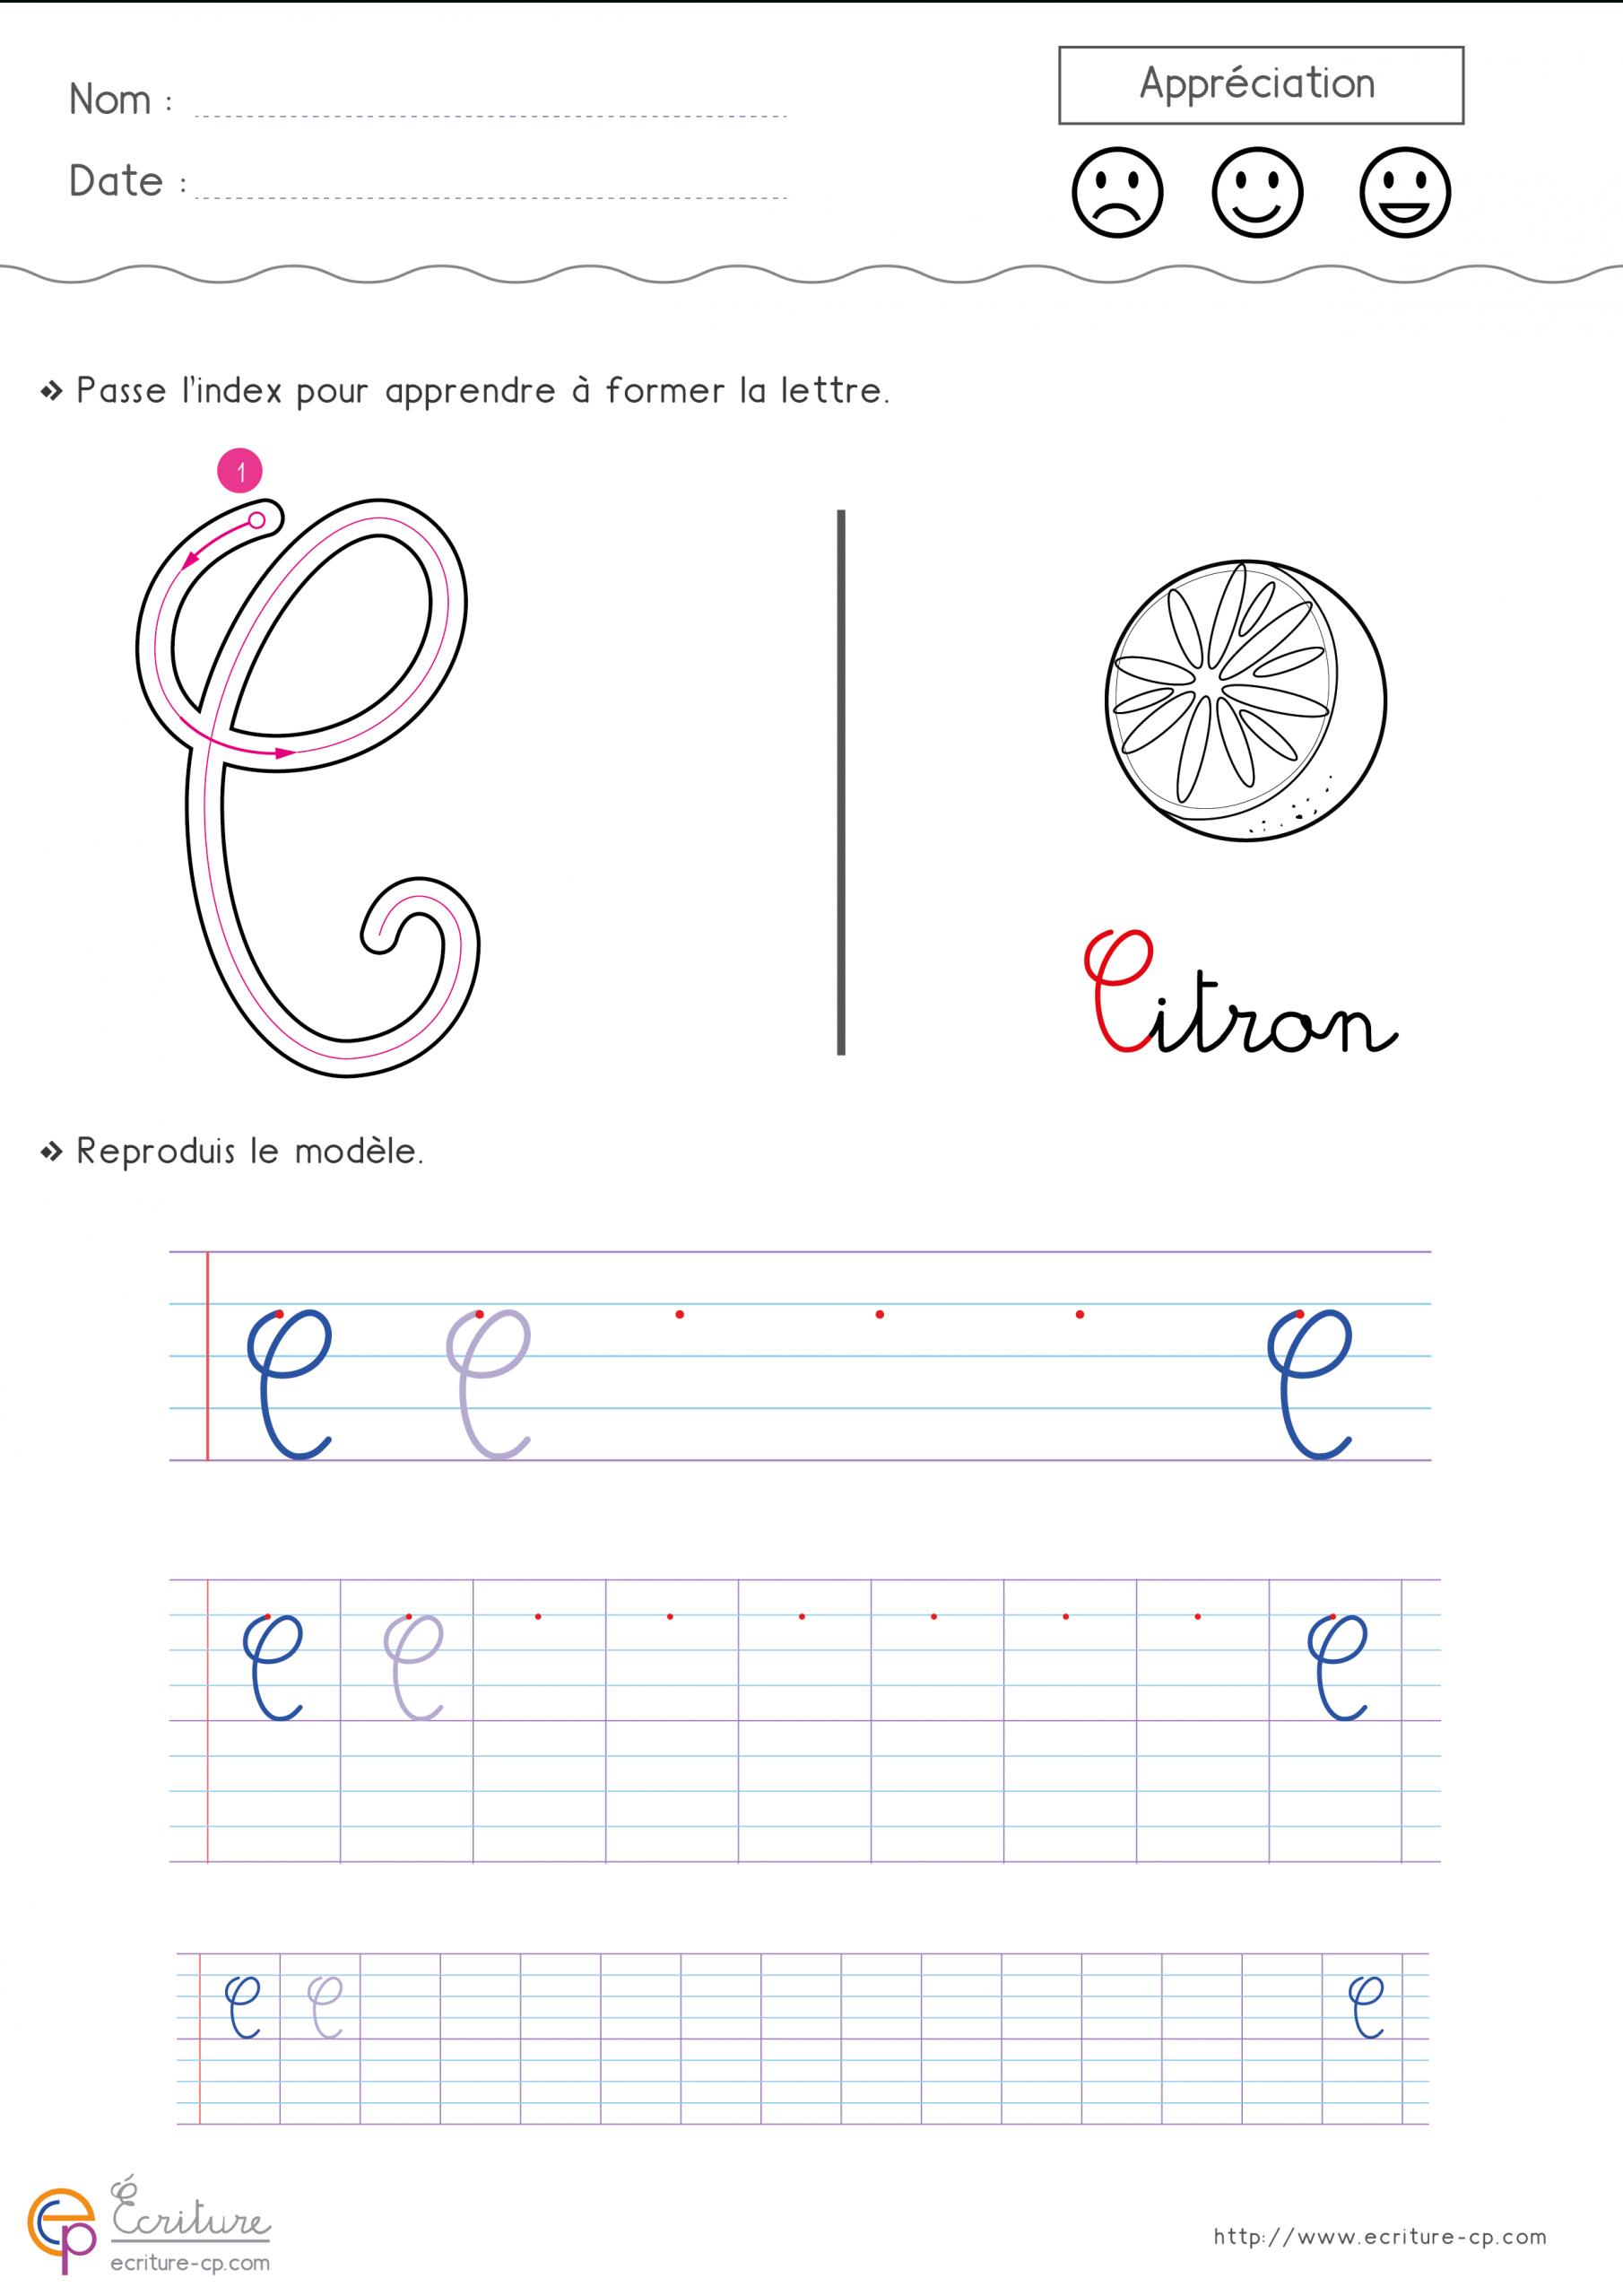 Écrire L'alphabet Majuscule Cursive Cp Ce1 | Fiche D intérieur Apprendre A Ecrire L Alphabet